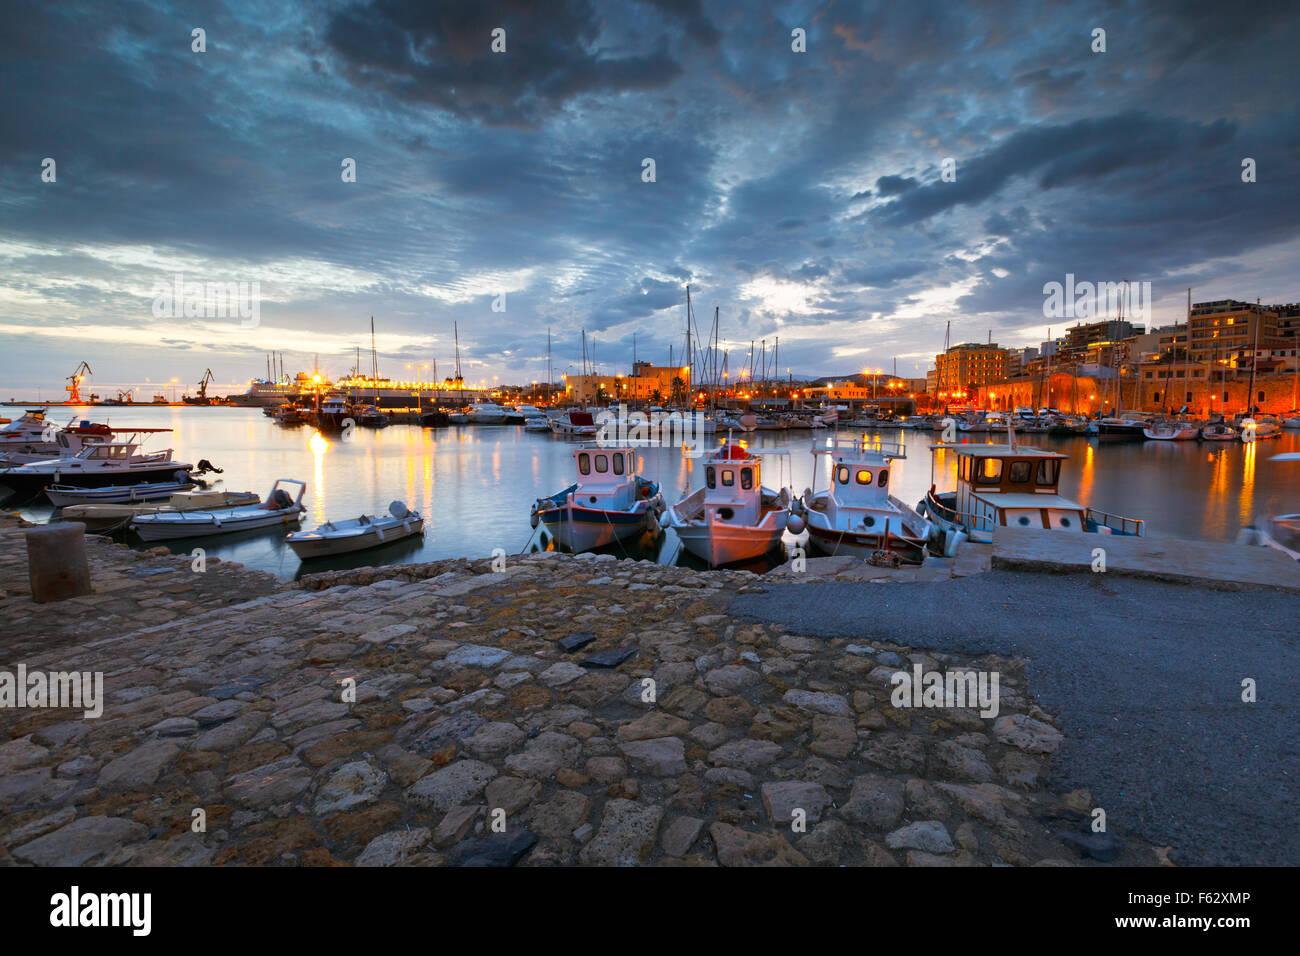 Antiguo puerto de barcos de pesca y marina en Heraklion, Creta, Grecia Imagen De Stock